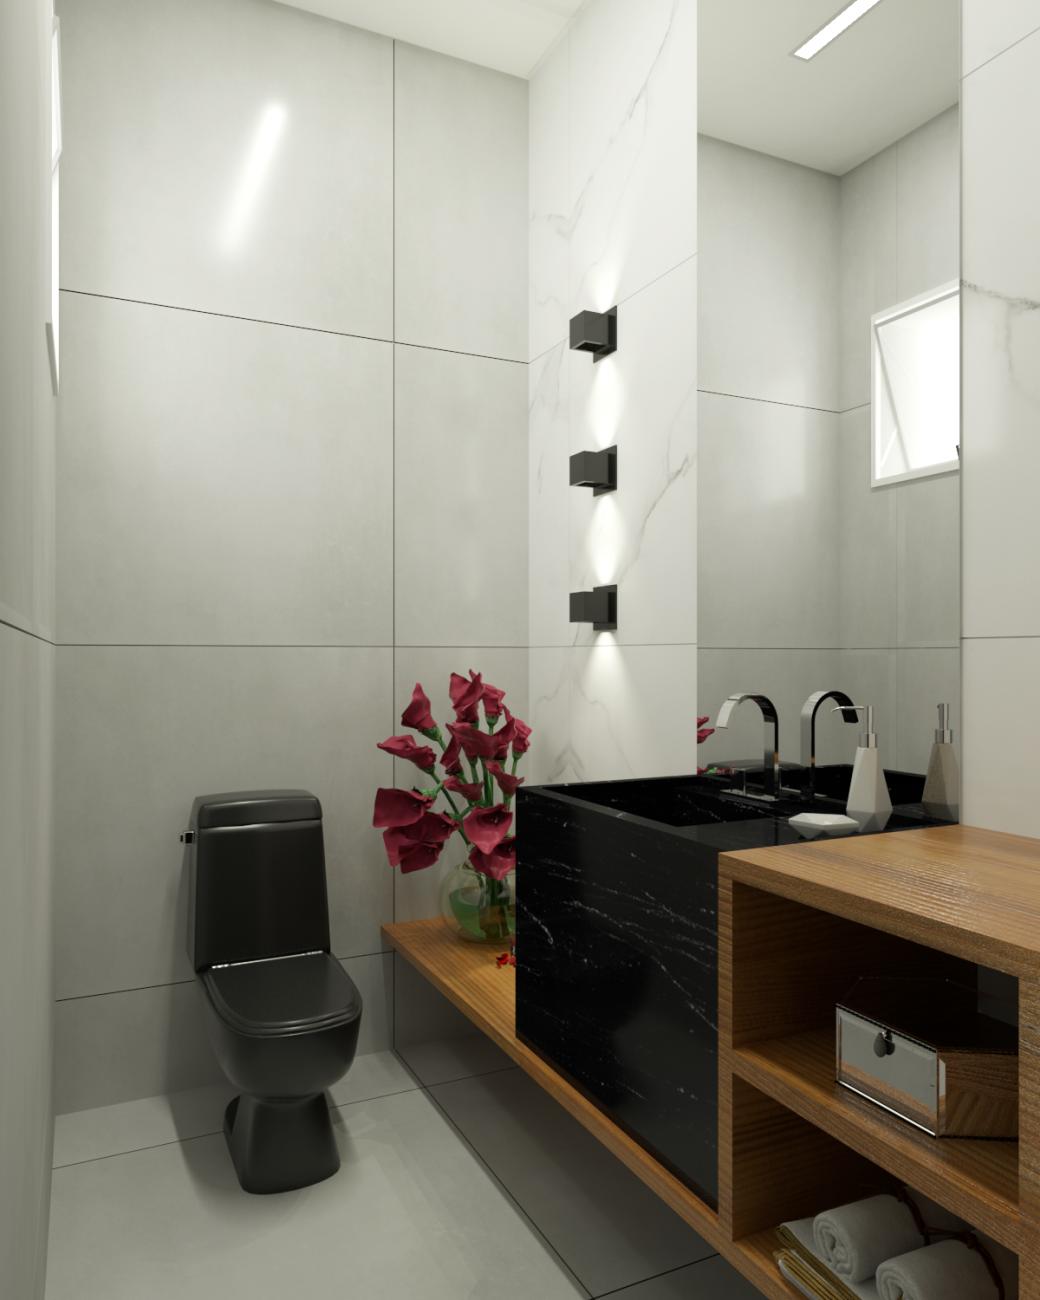 ambiente Mariene Luiza da Rocha – Munari Branco 90×90 e Place 60×60